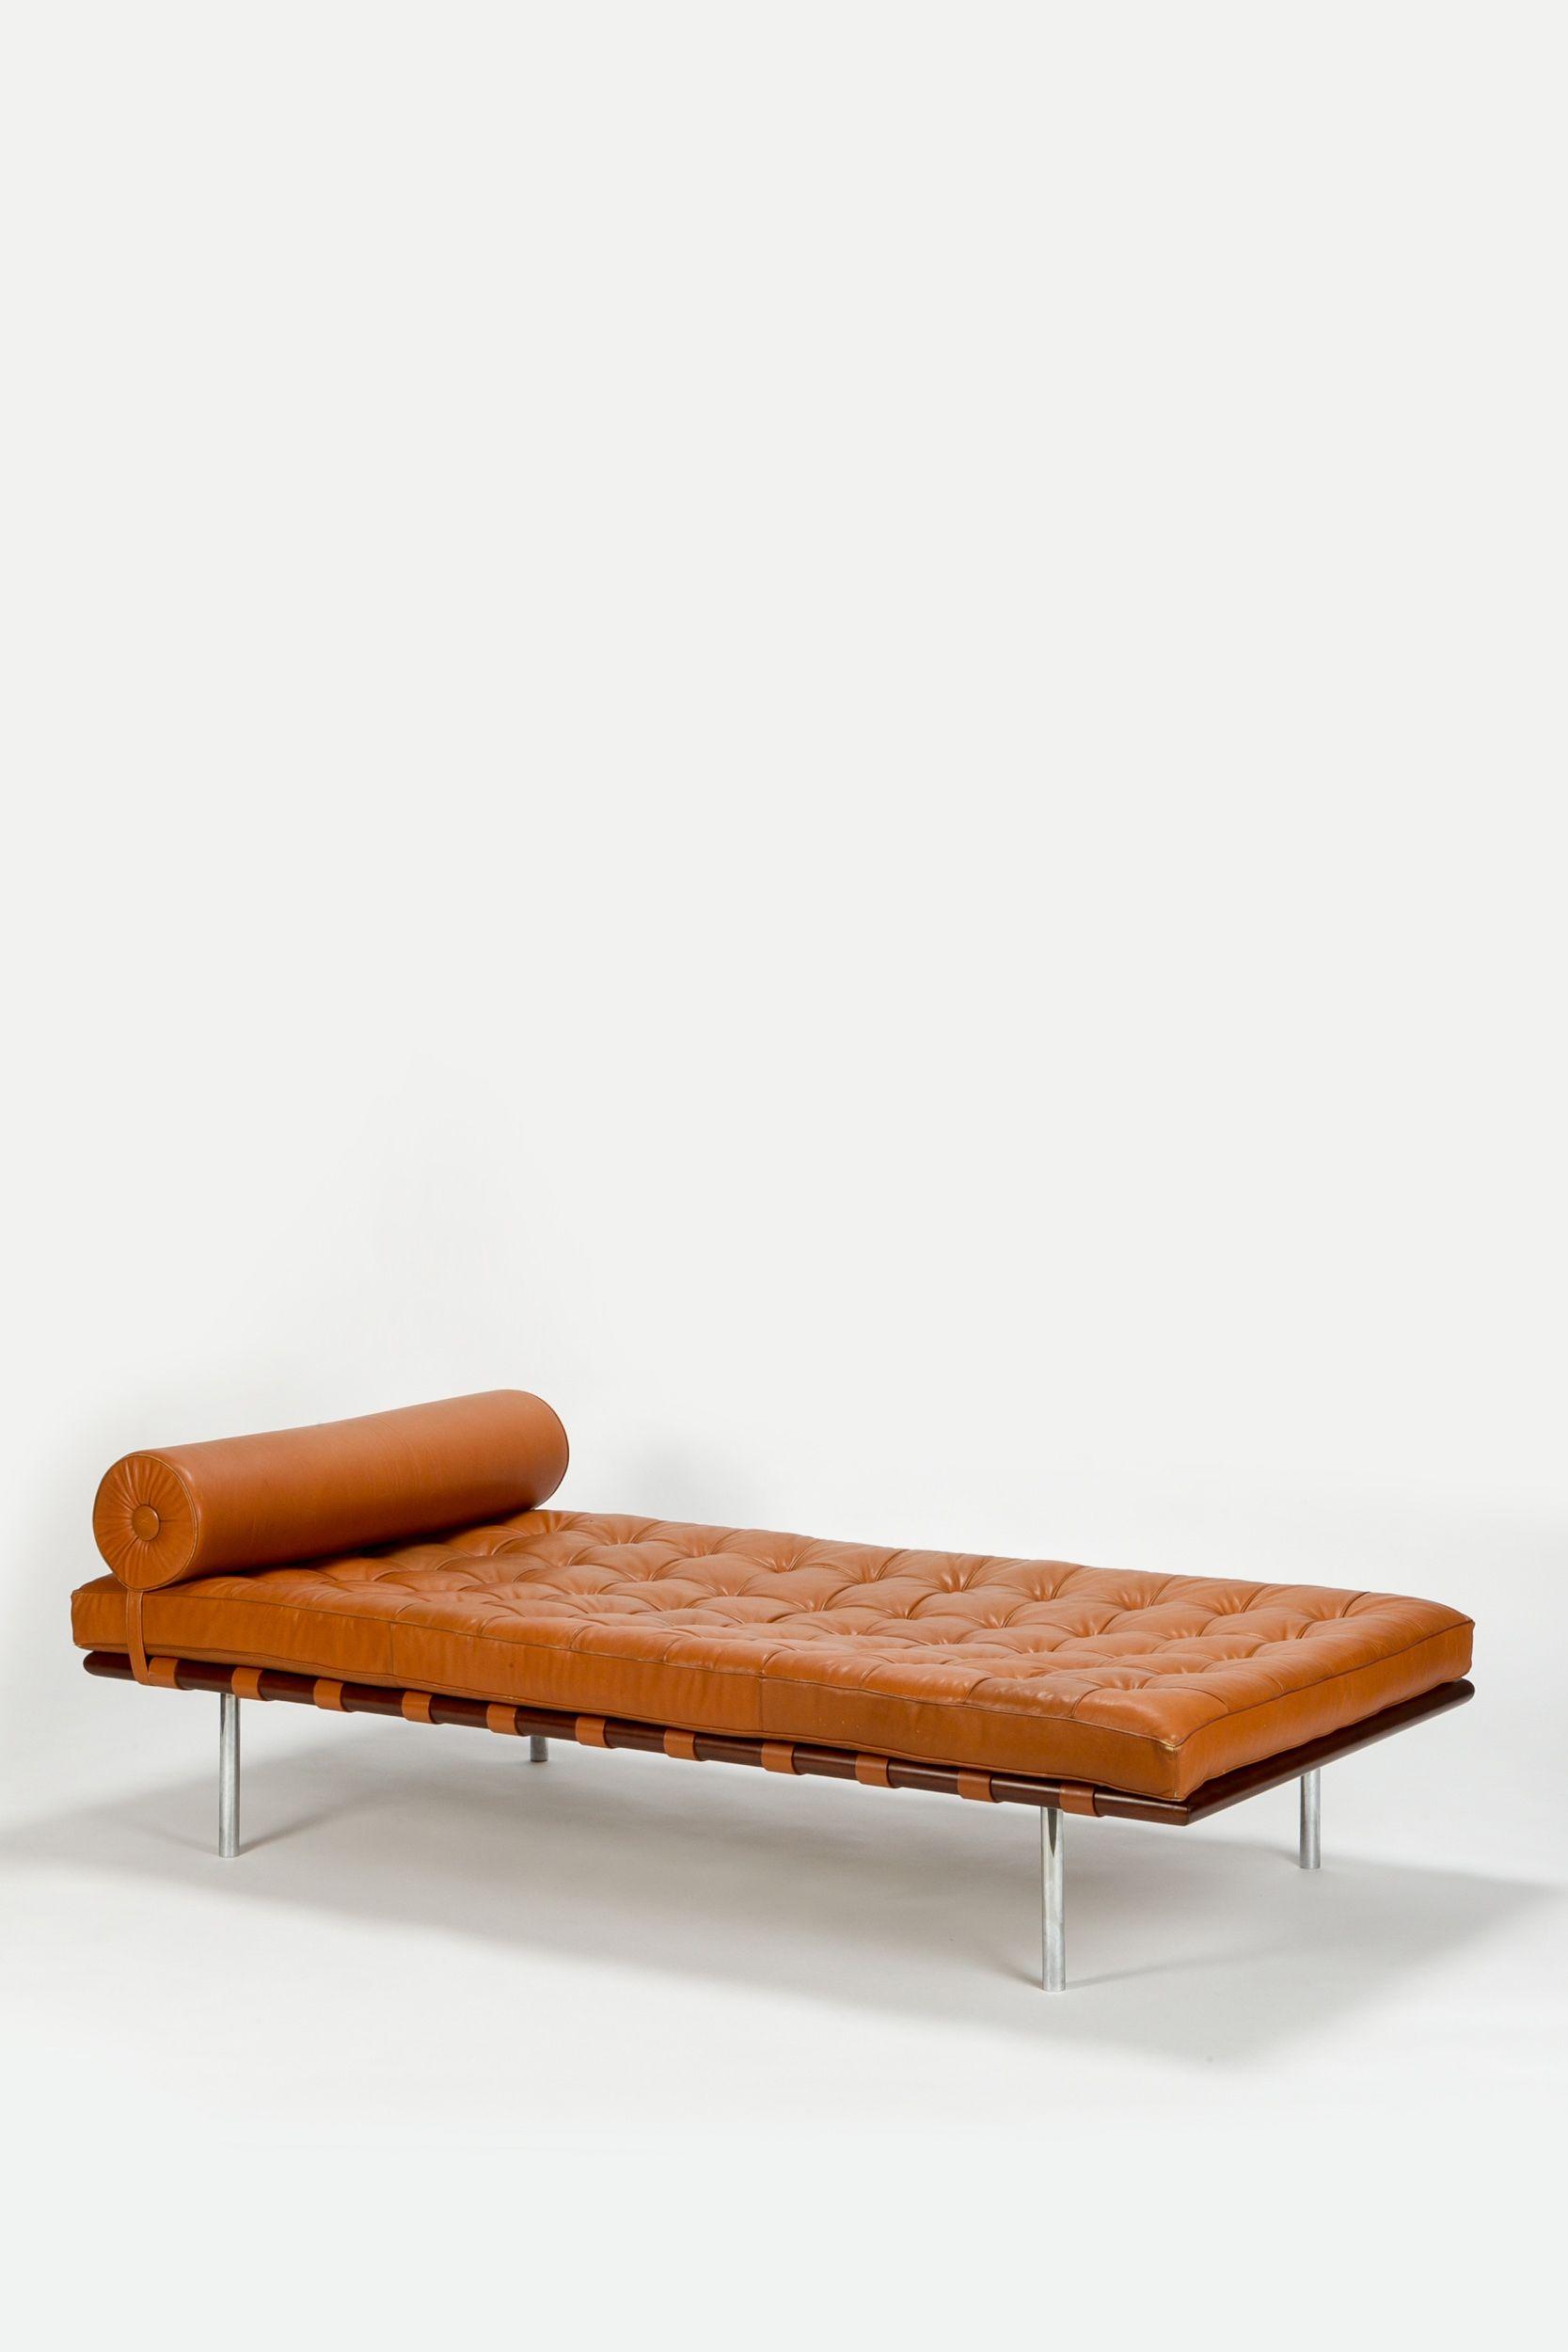 Küchen-designmöbel mies van der rohe barcelona daybed knoll  design furniture sofas